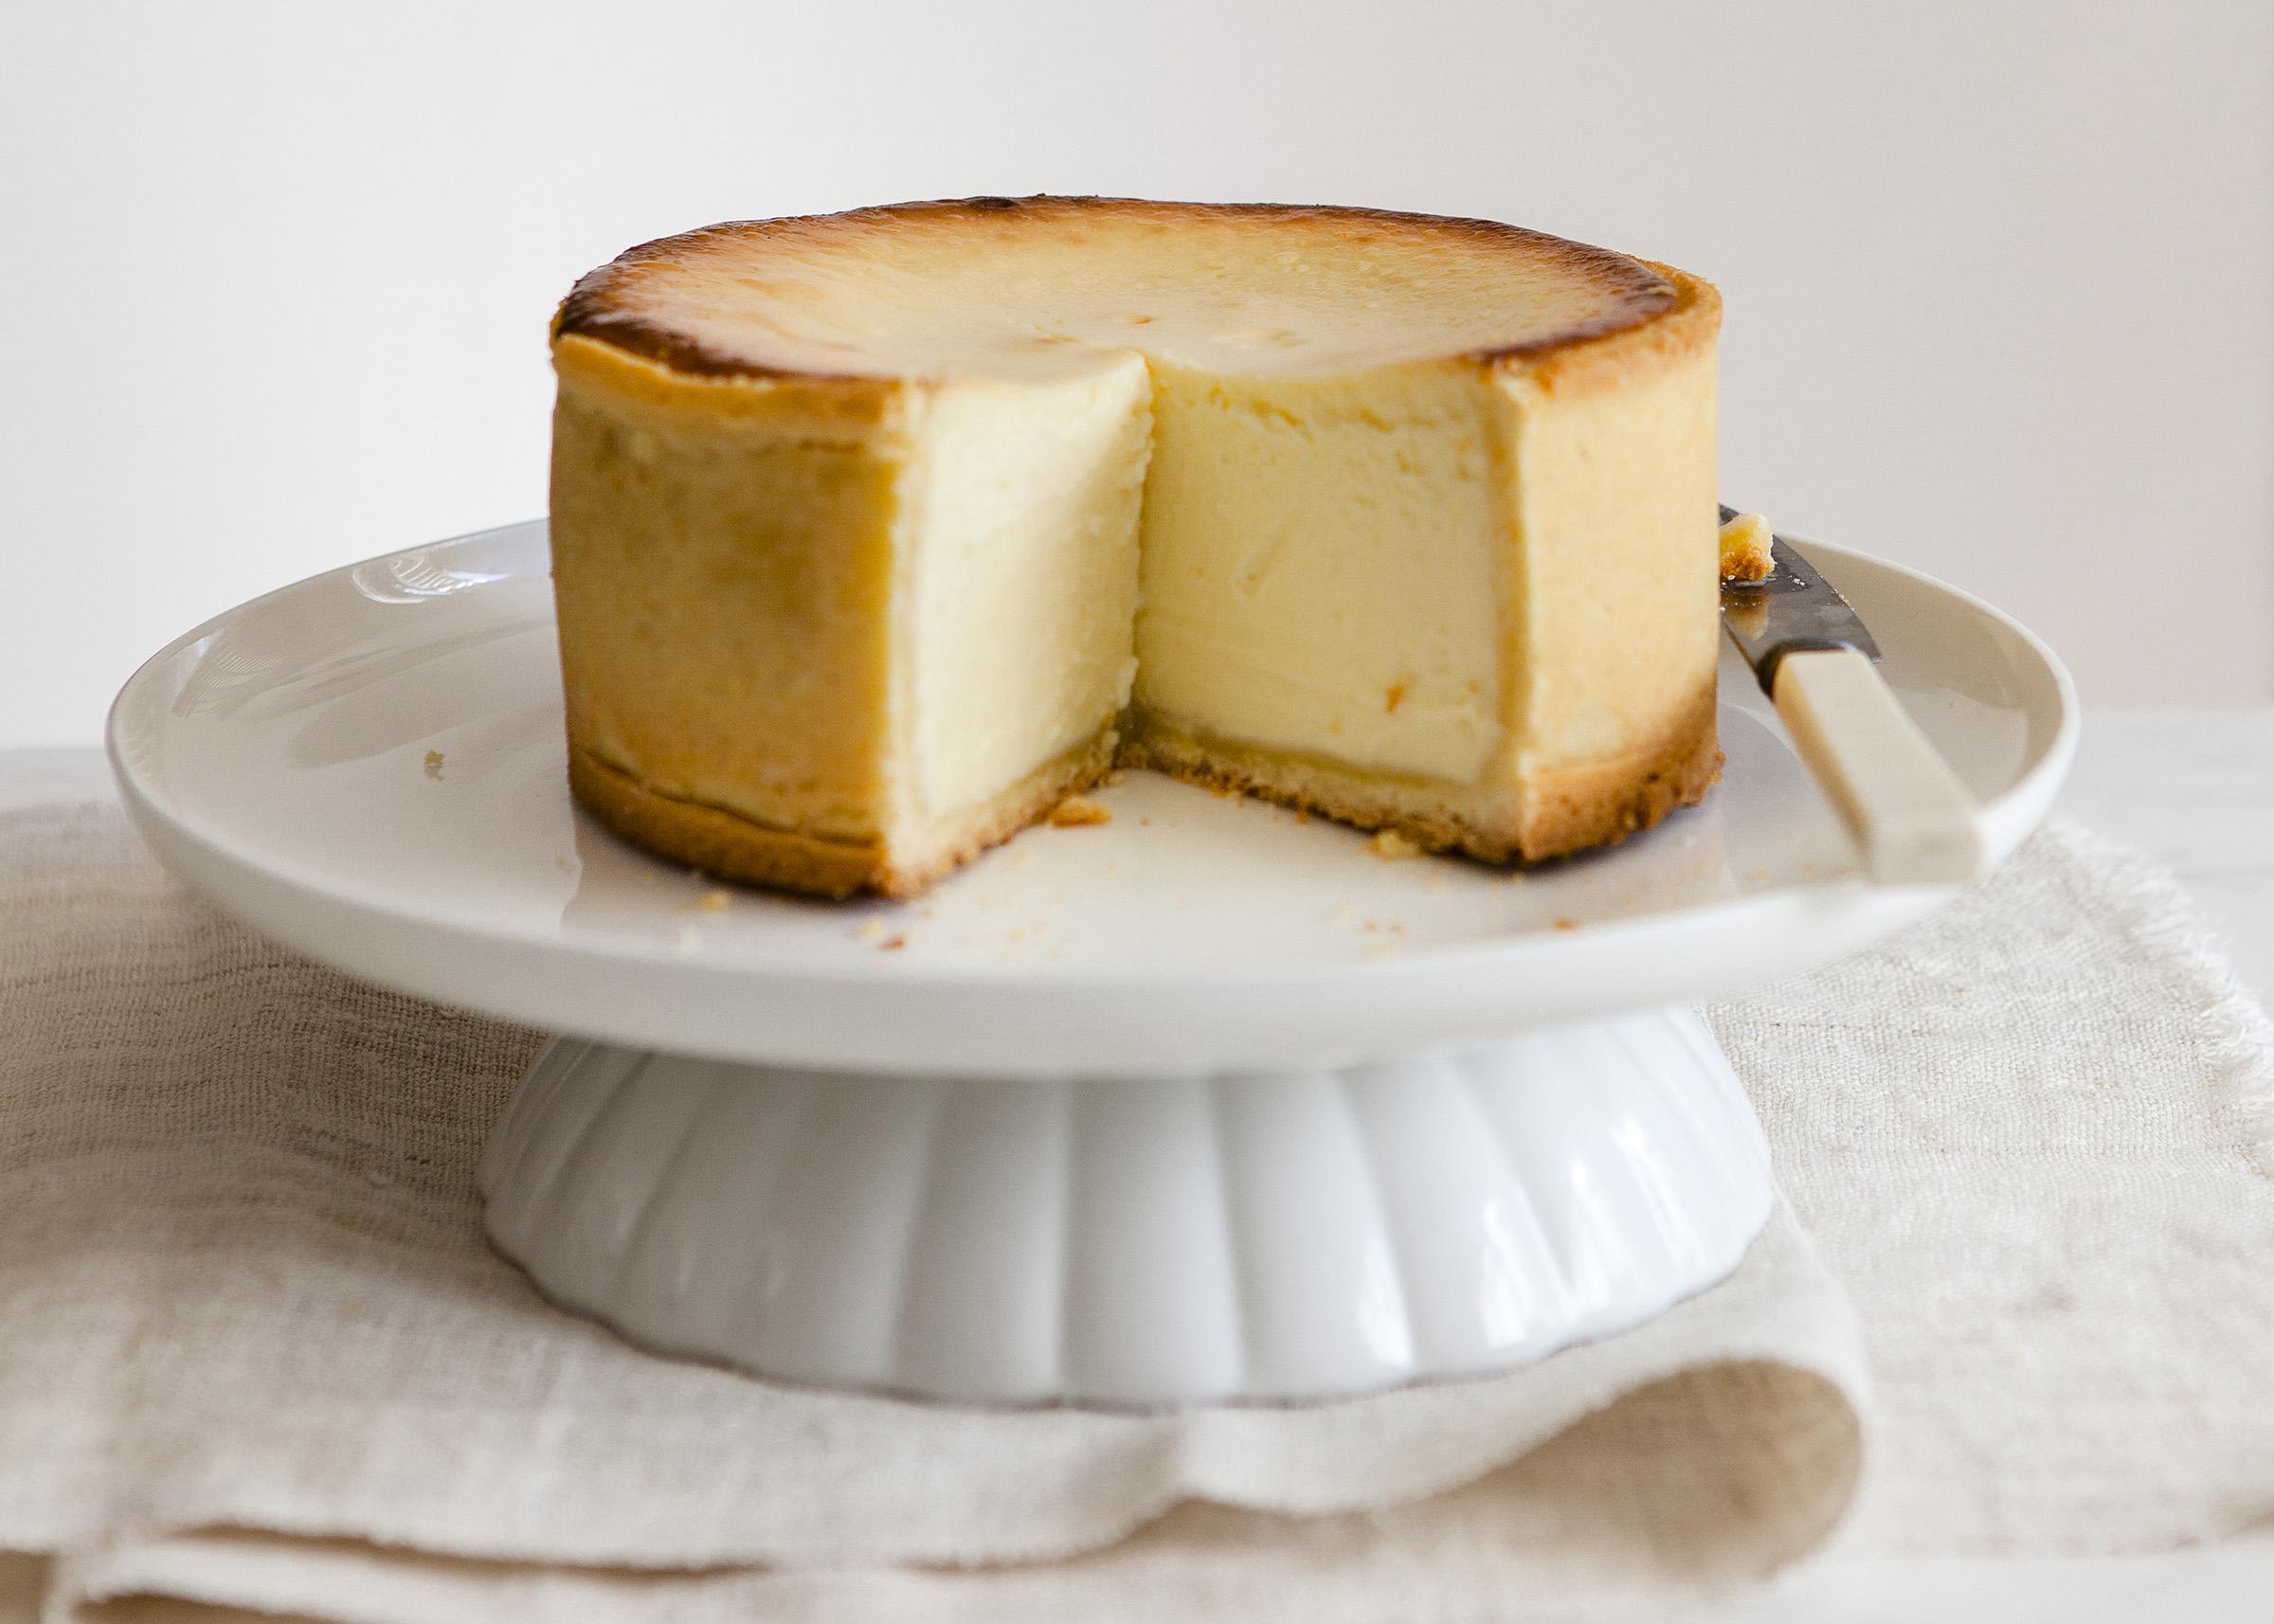 New York City cheesecake